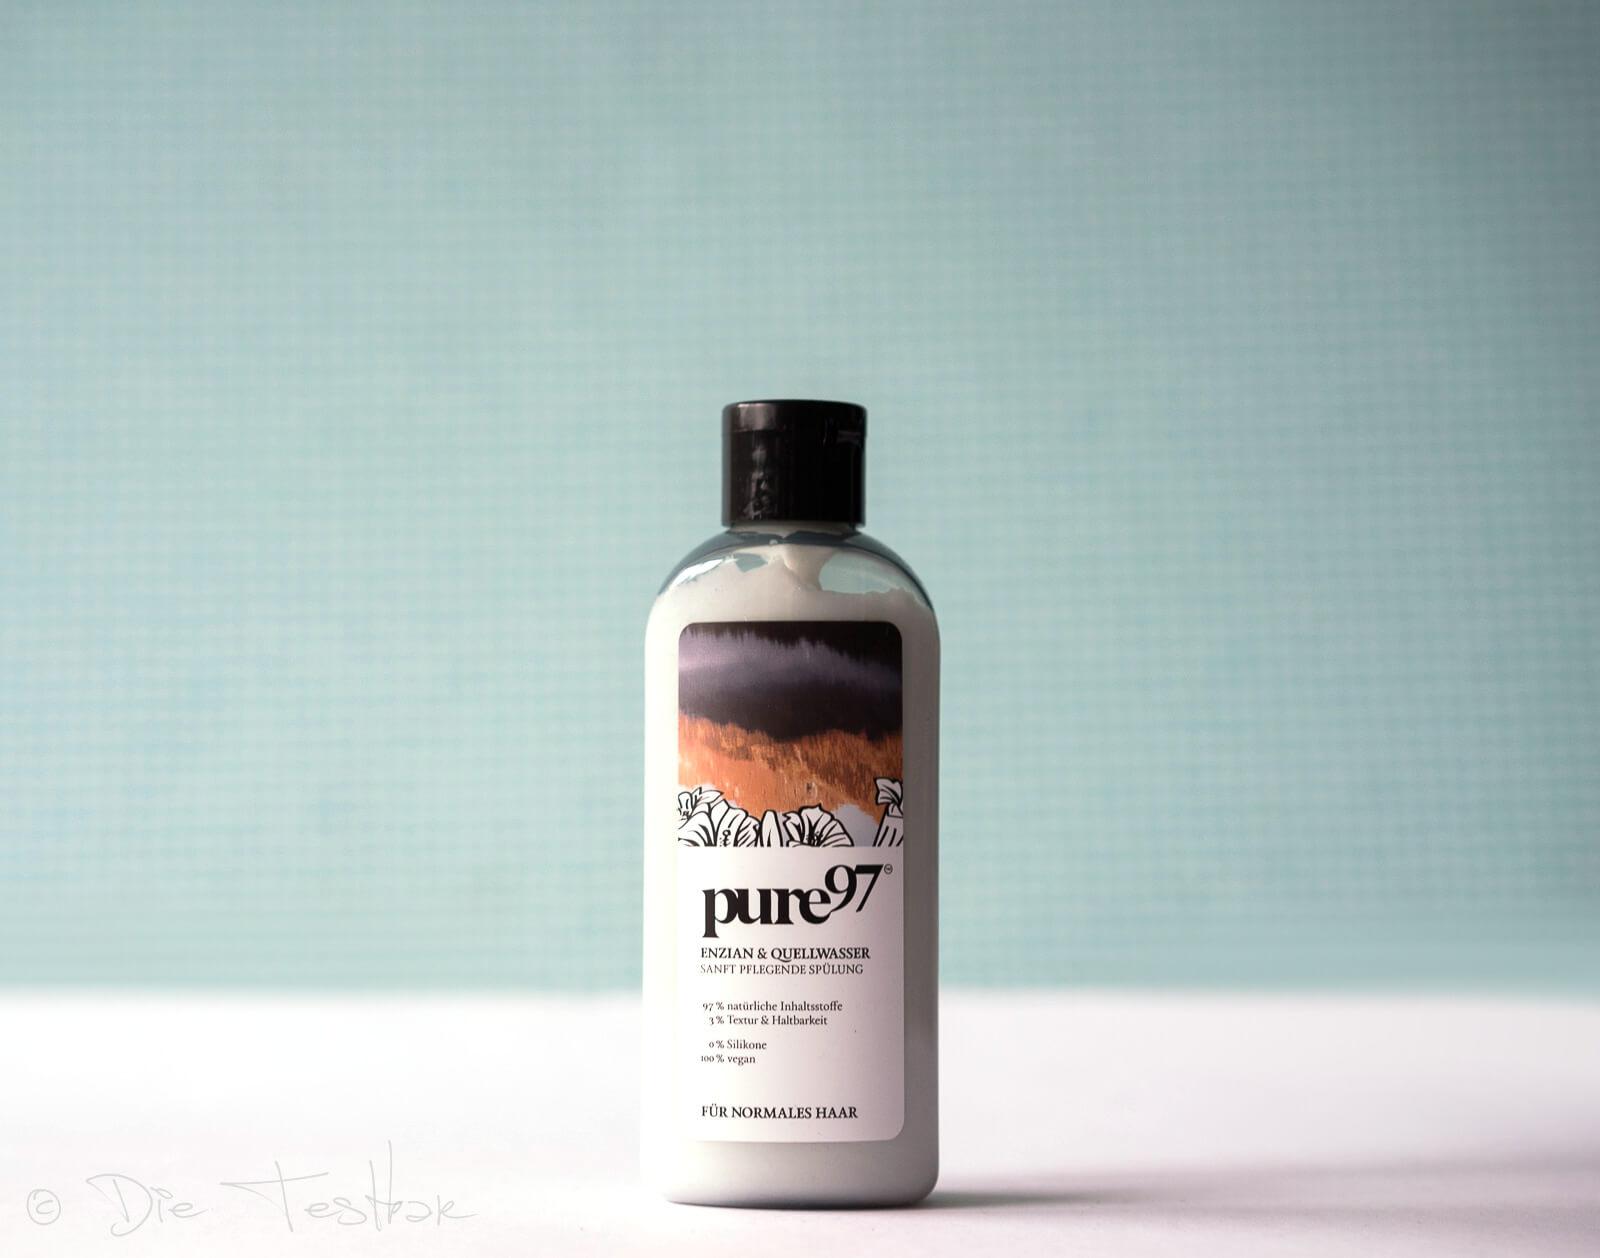 pure97 - Enzian & Quellwasser Spülung